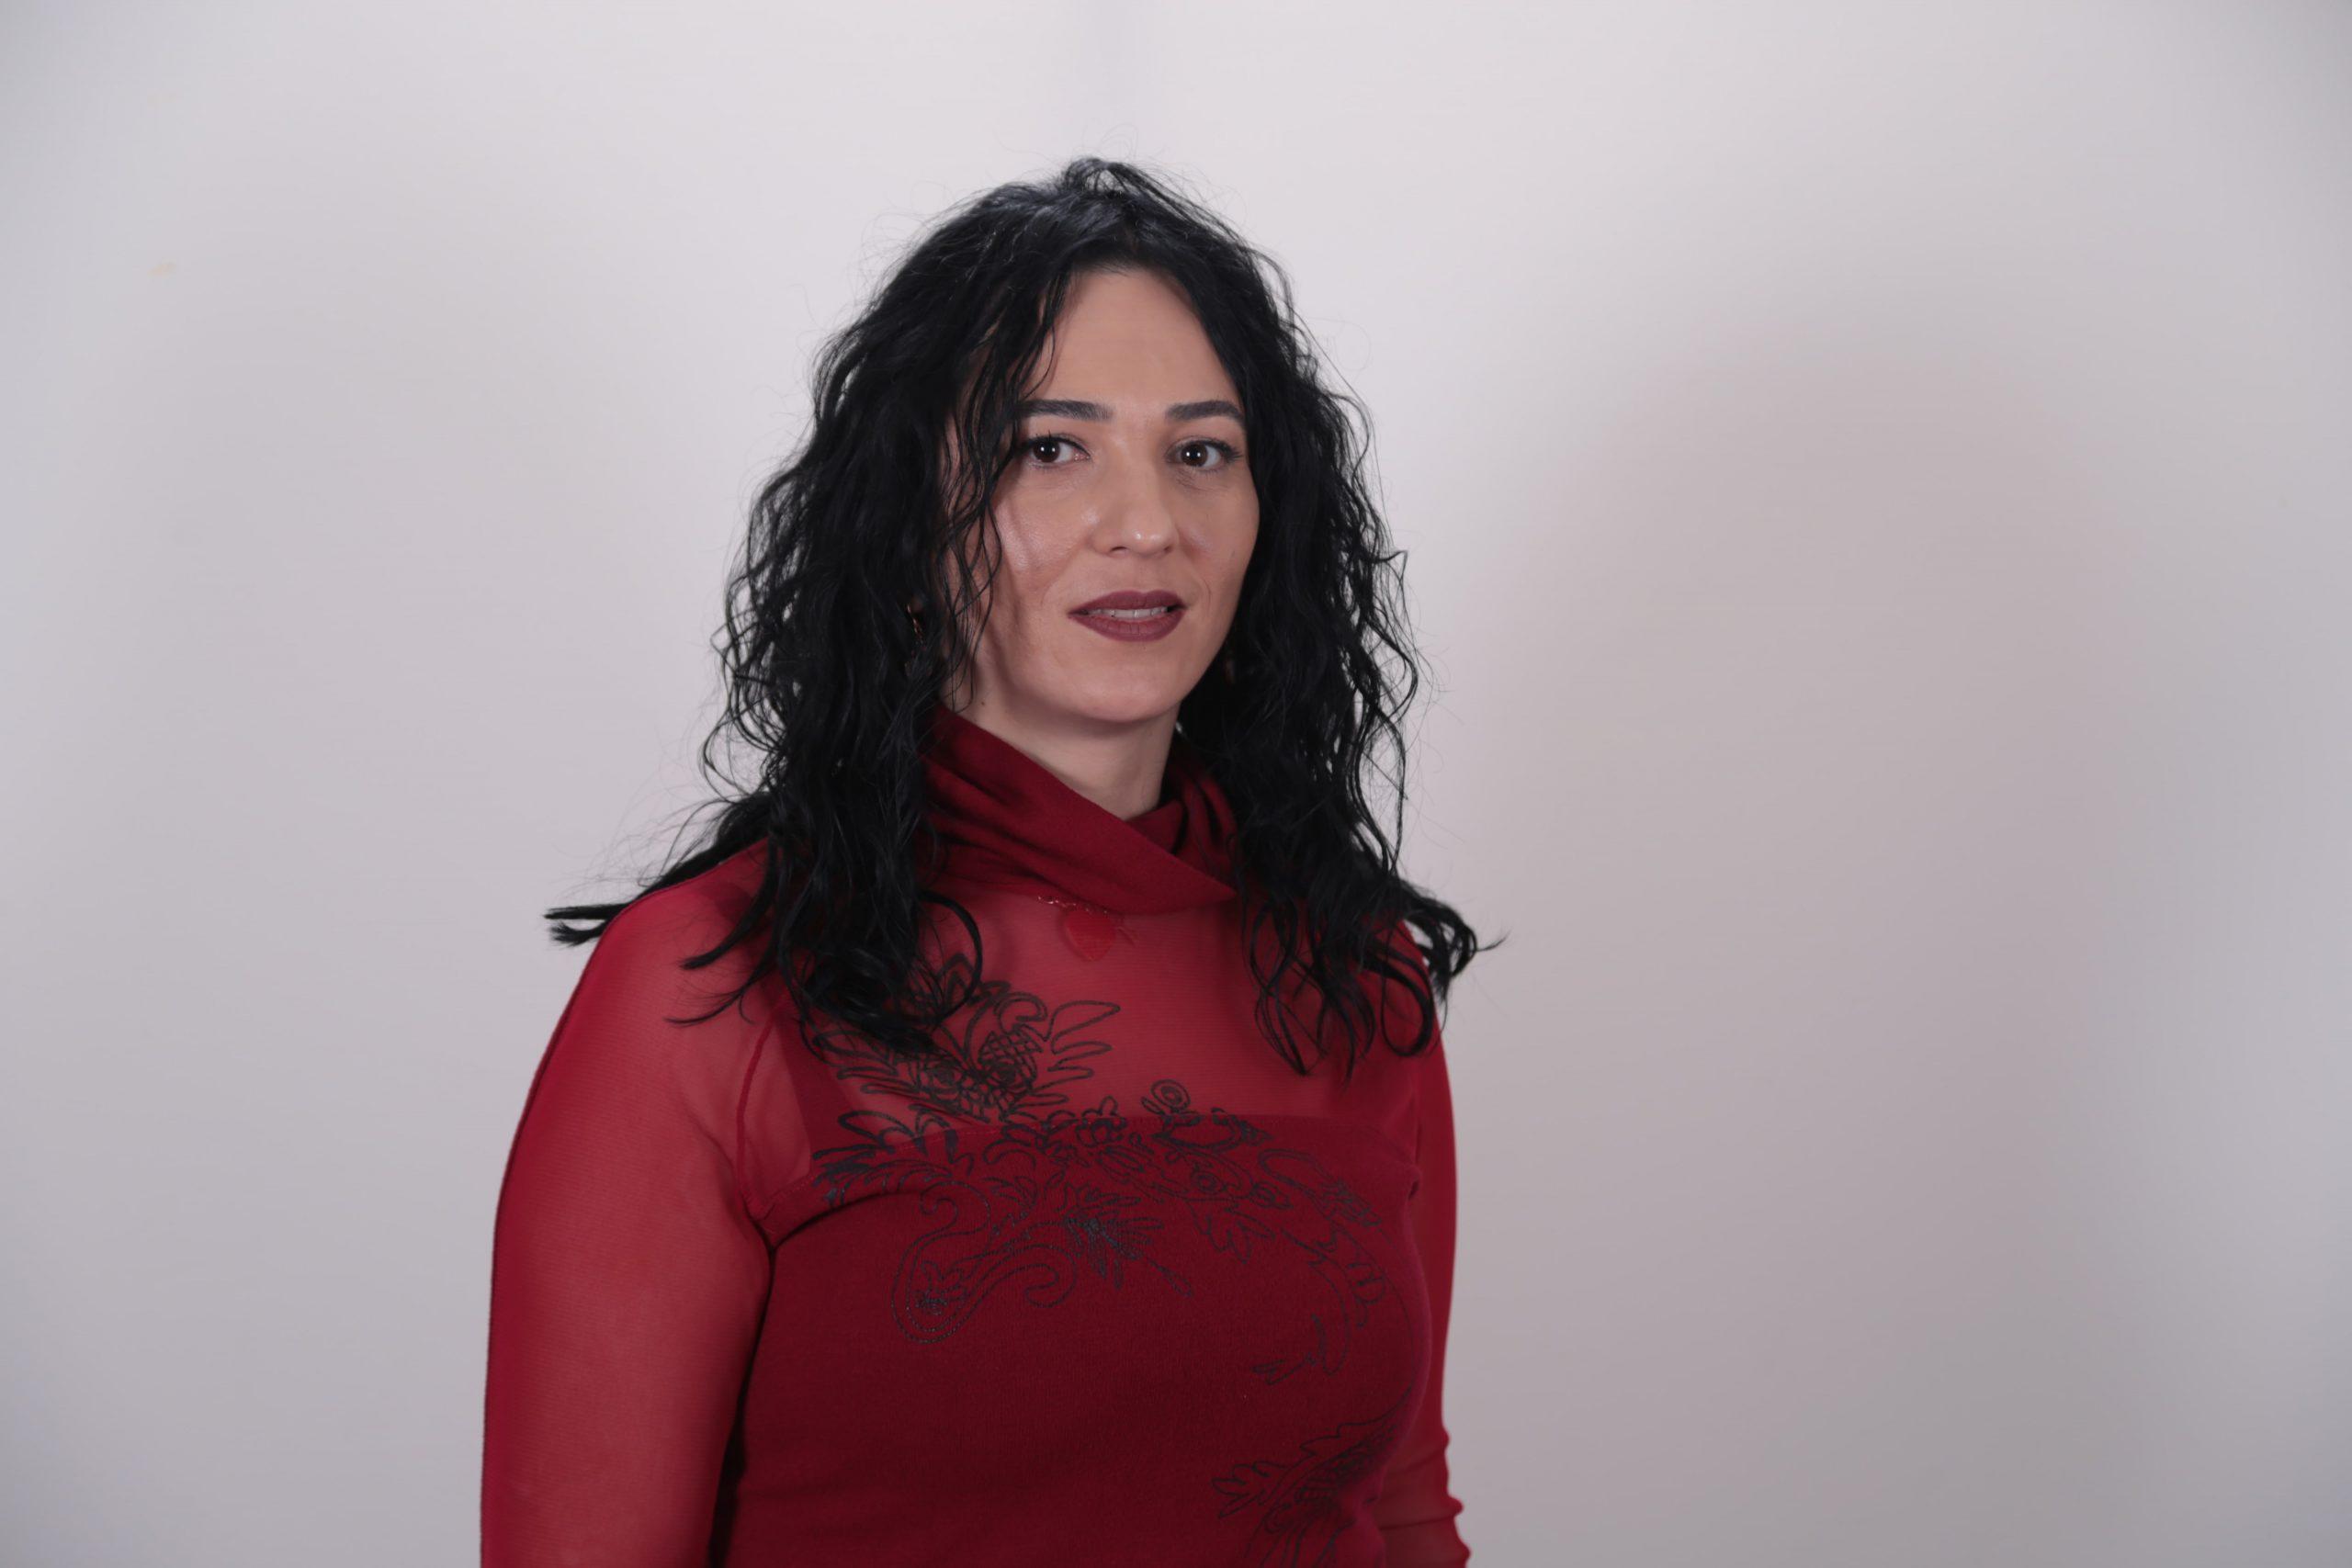 Rajmonda Shatri